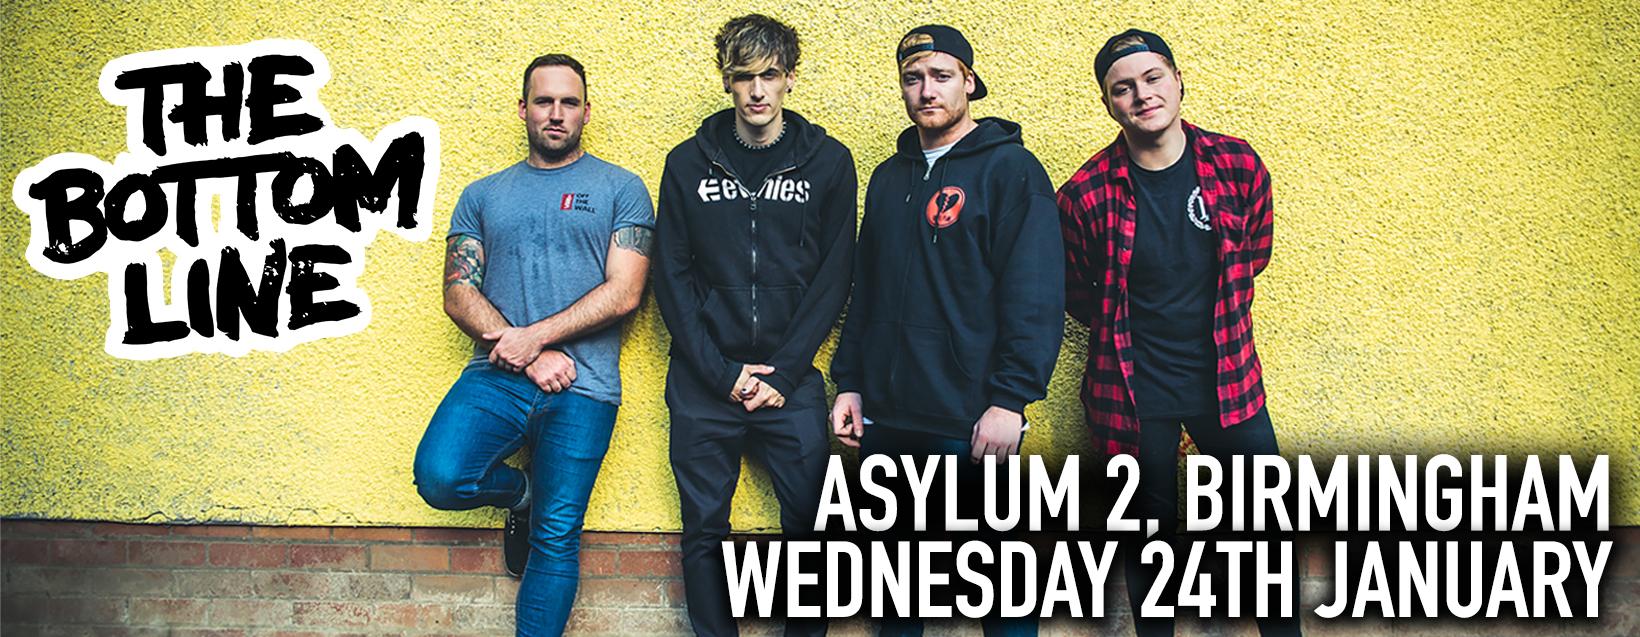 The Bottom Line @ The Asylum (2) 24.01.18